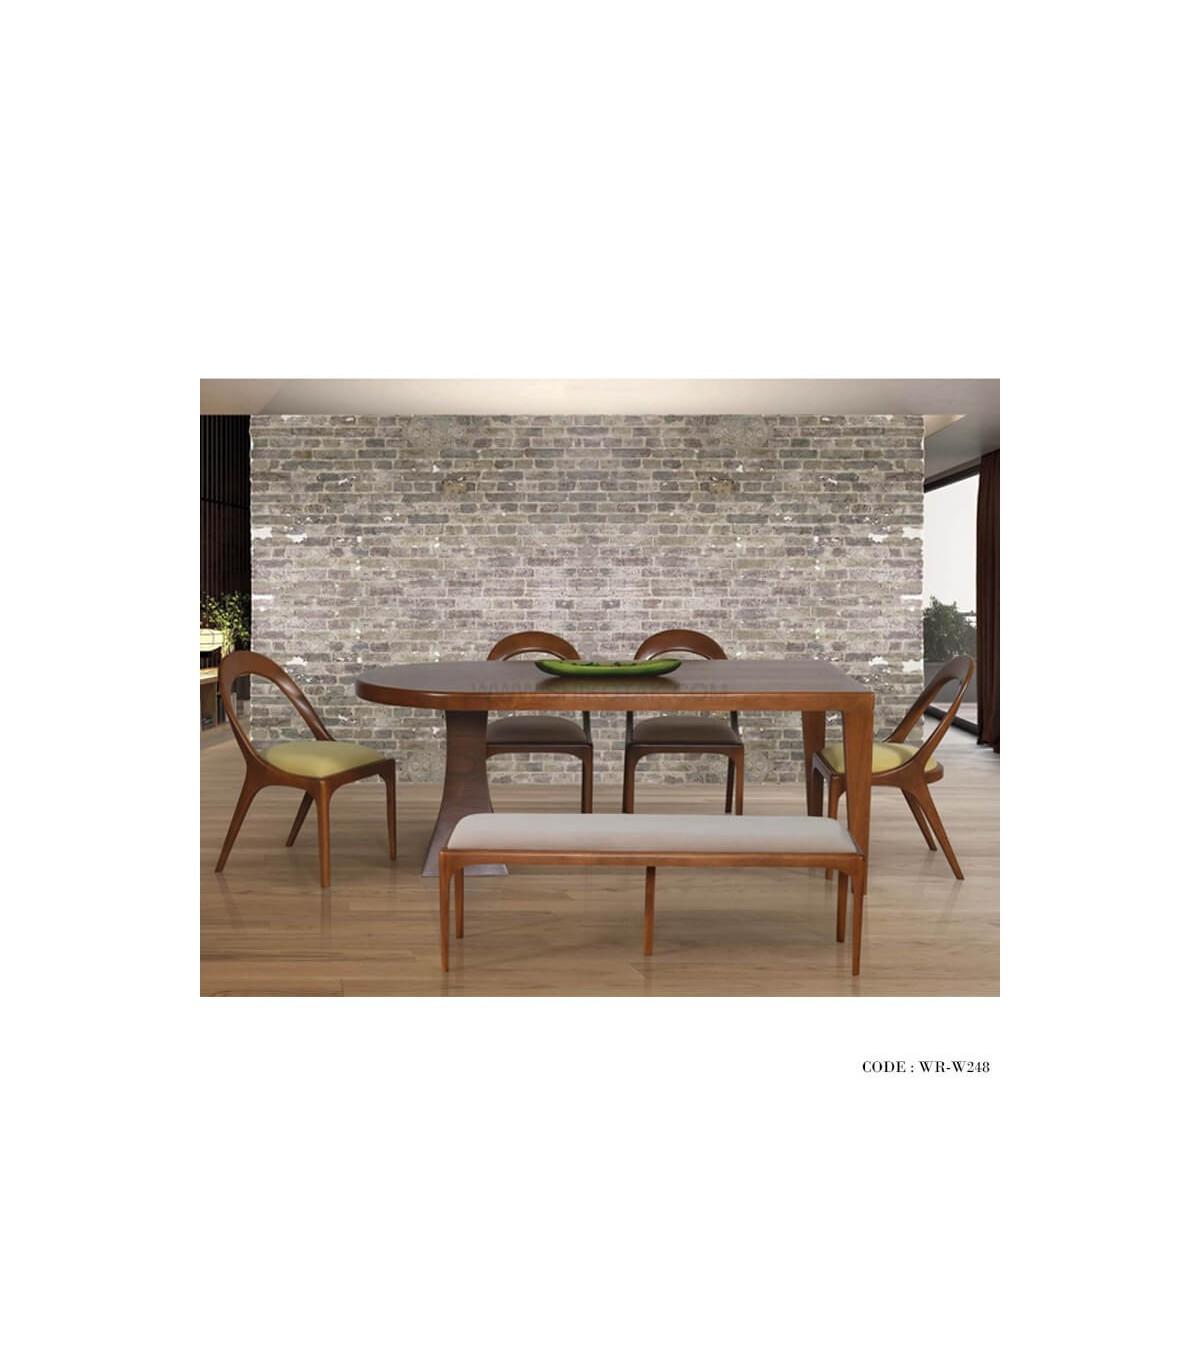 میز و صندلی ناهار خوری طرح بیضی نیمکت دار شش نفره